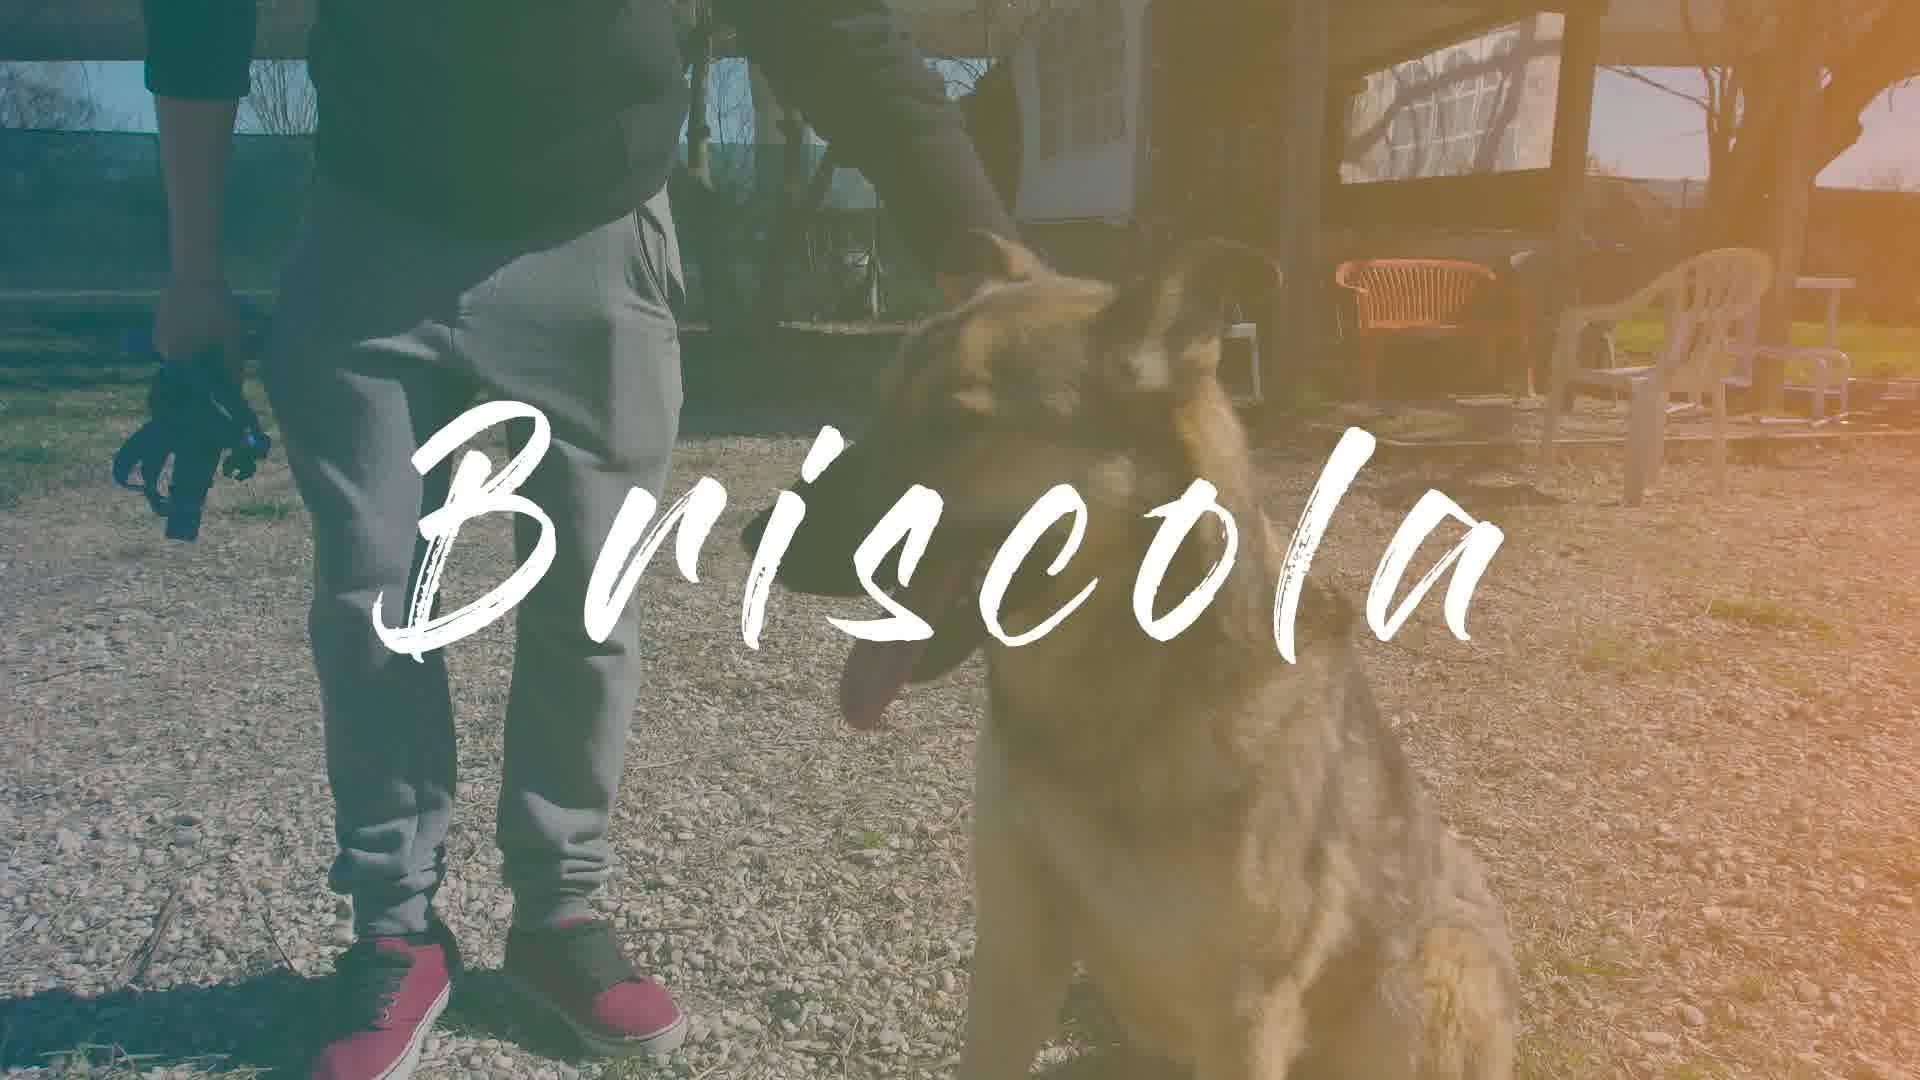 FUORI DAL CANILE - BRISCOLA